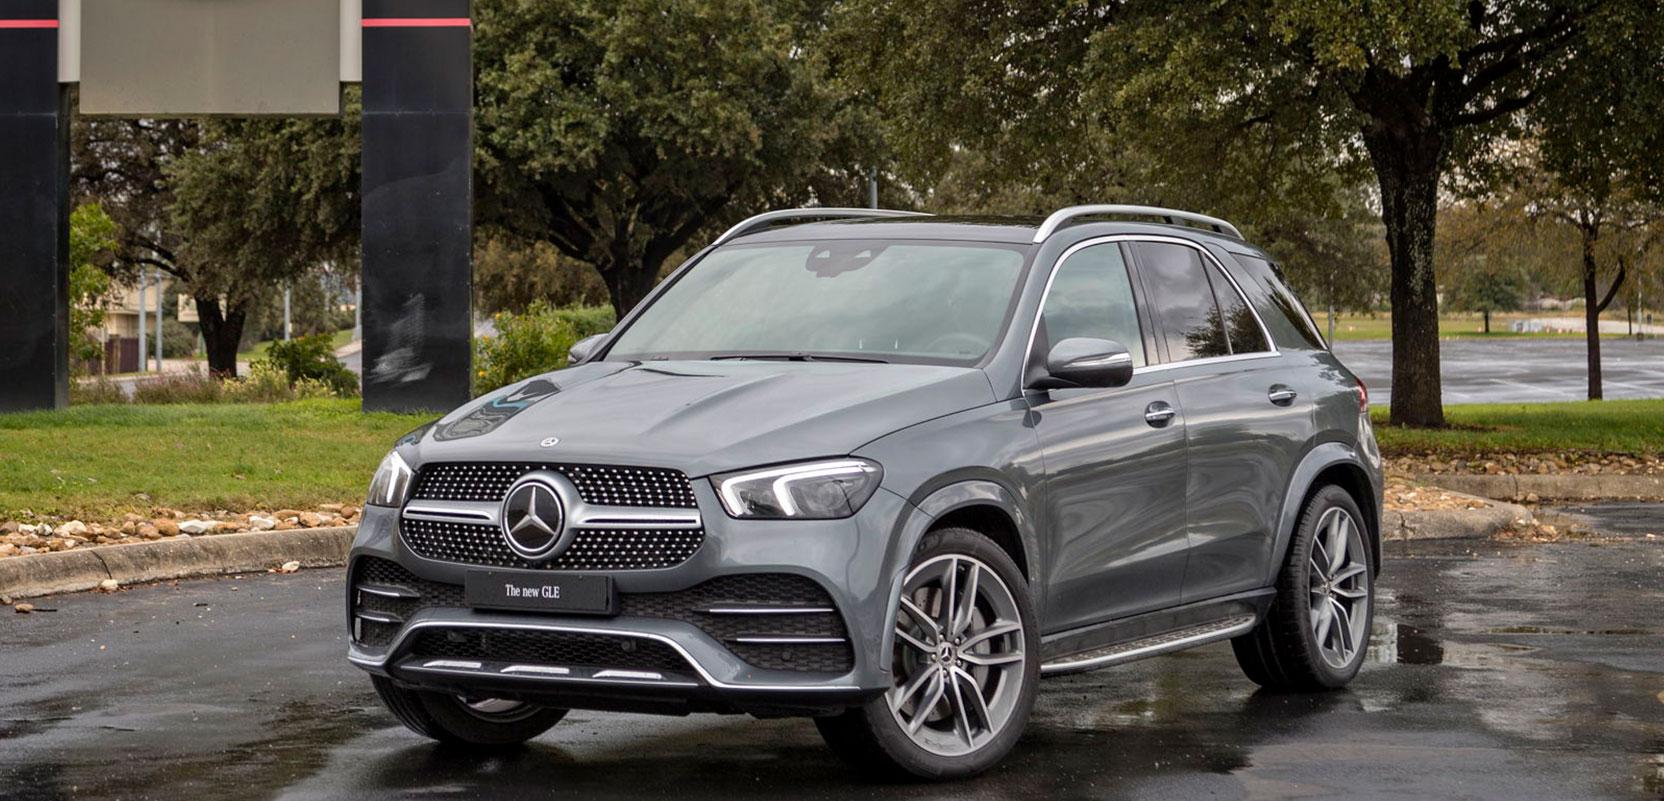 Тест-драйв нового Mercedes-Benz GLE з дизельним двигуном R6 на 330 к.с.